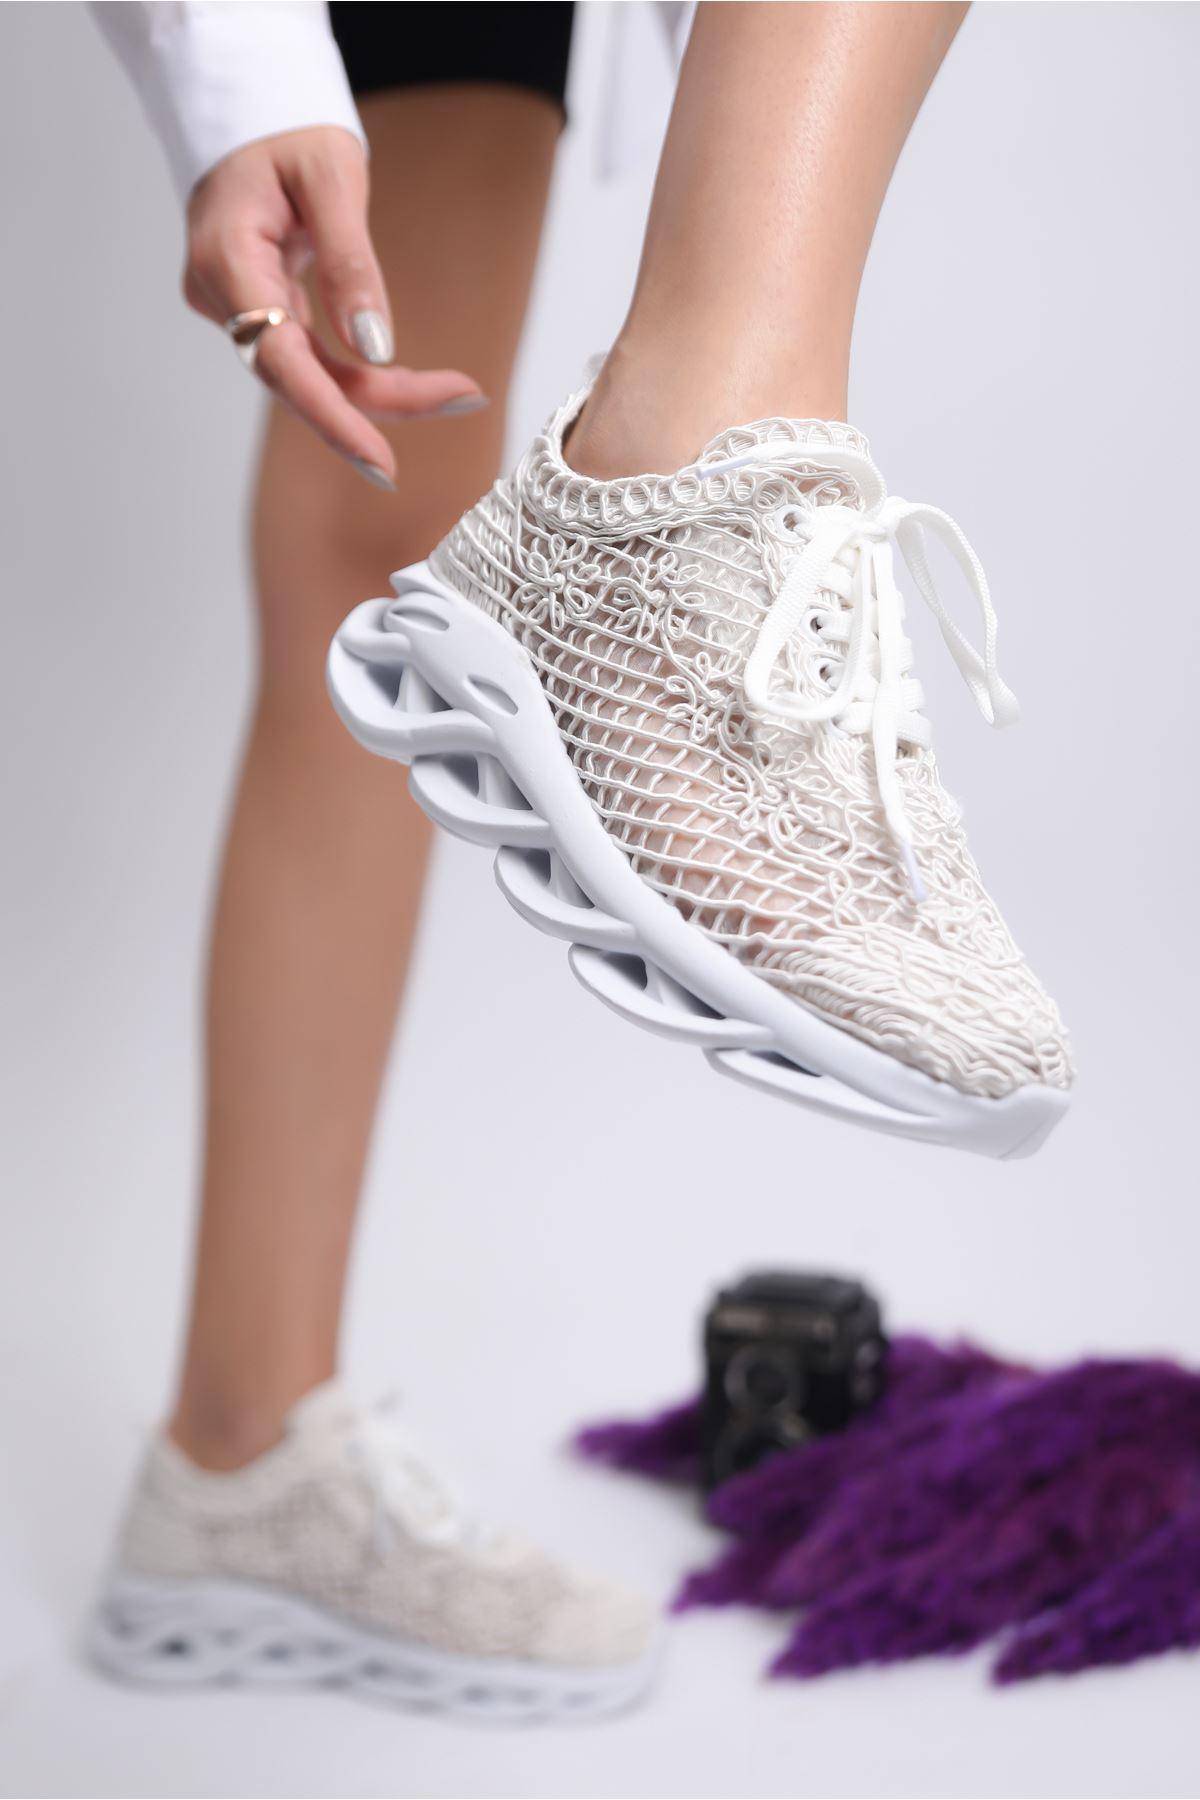 Kadın Minake Kalın Taban Örgü Detay Beyaz Spor Ayakkabı